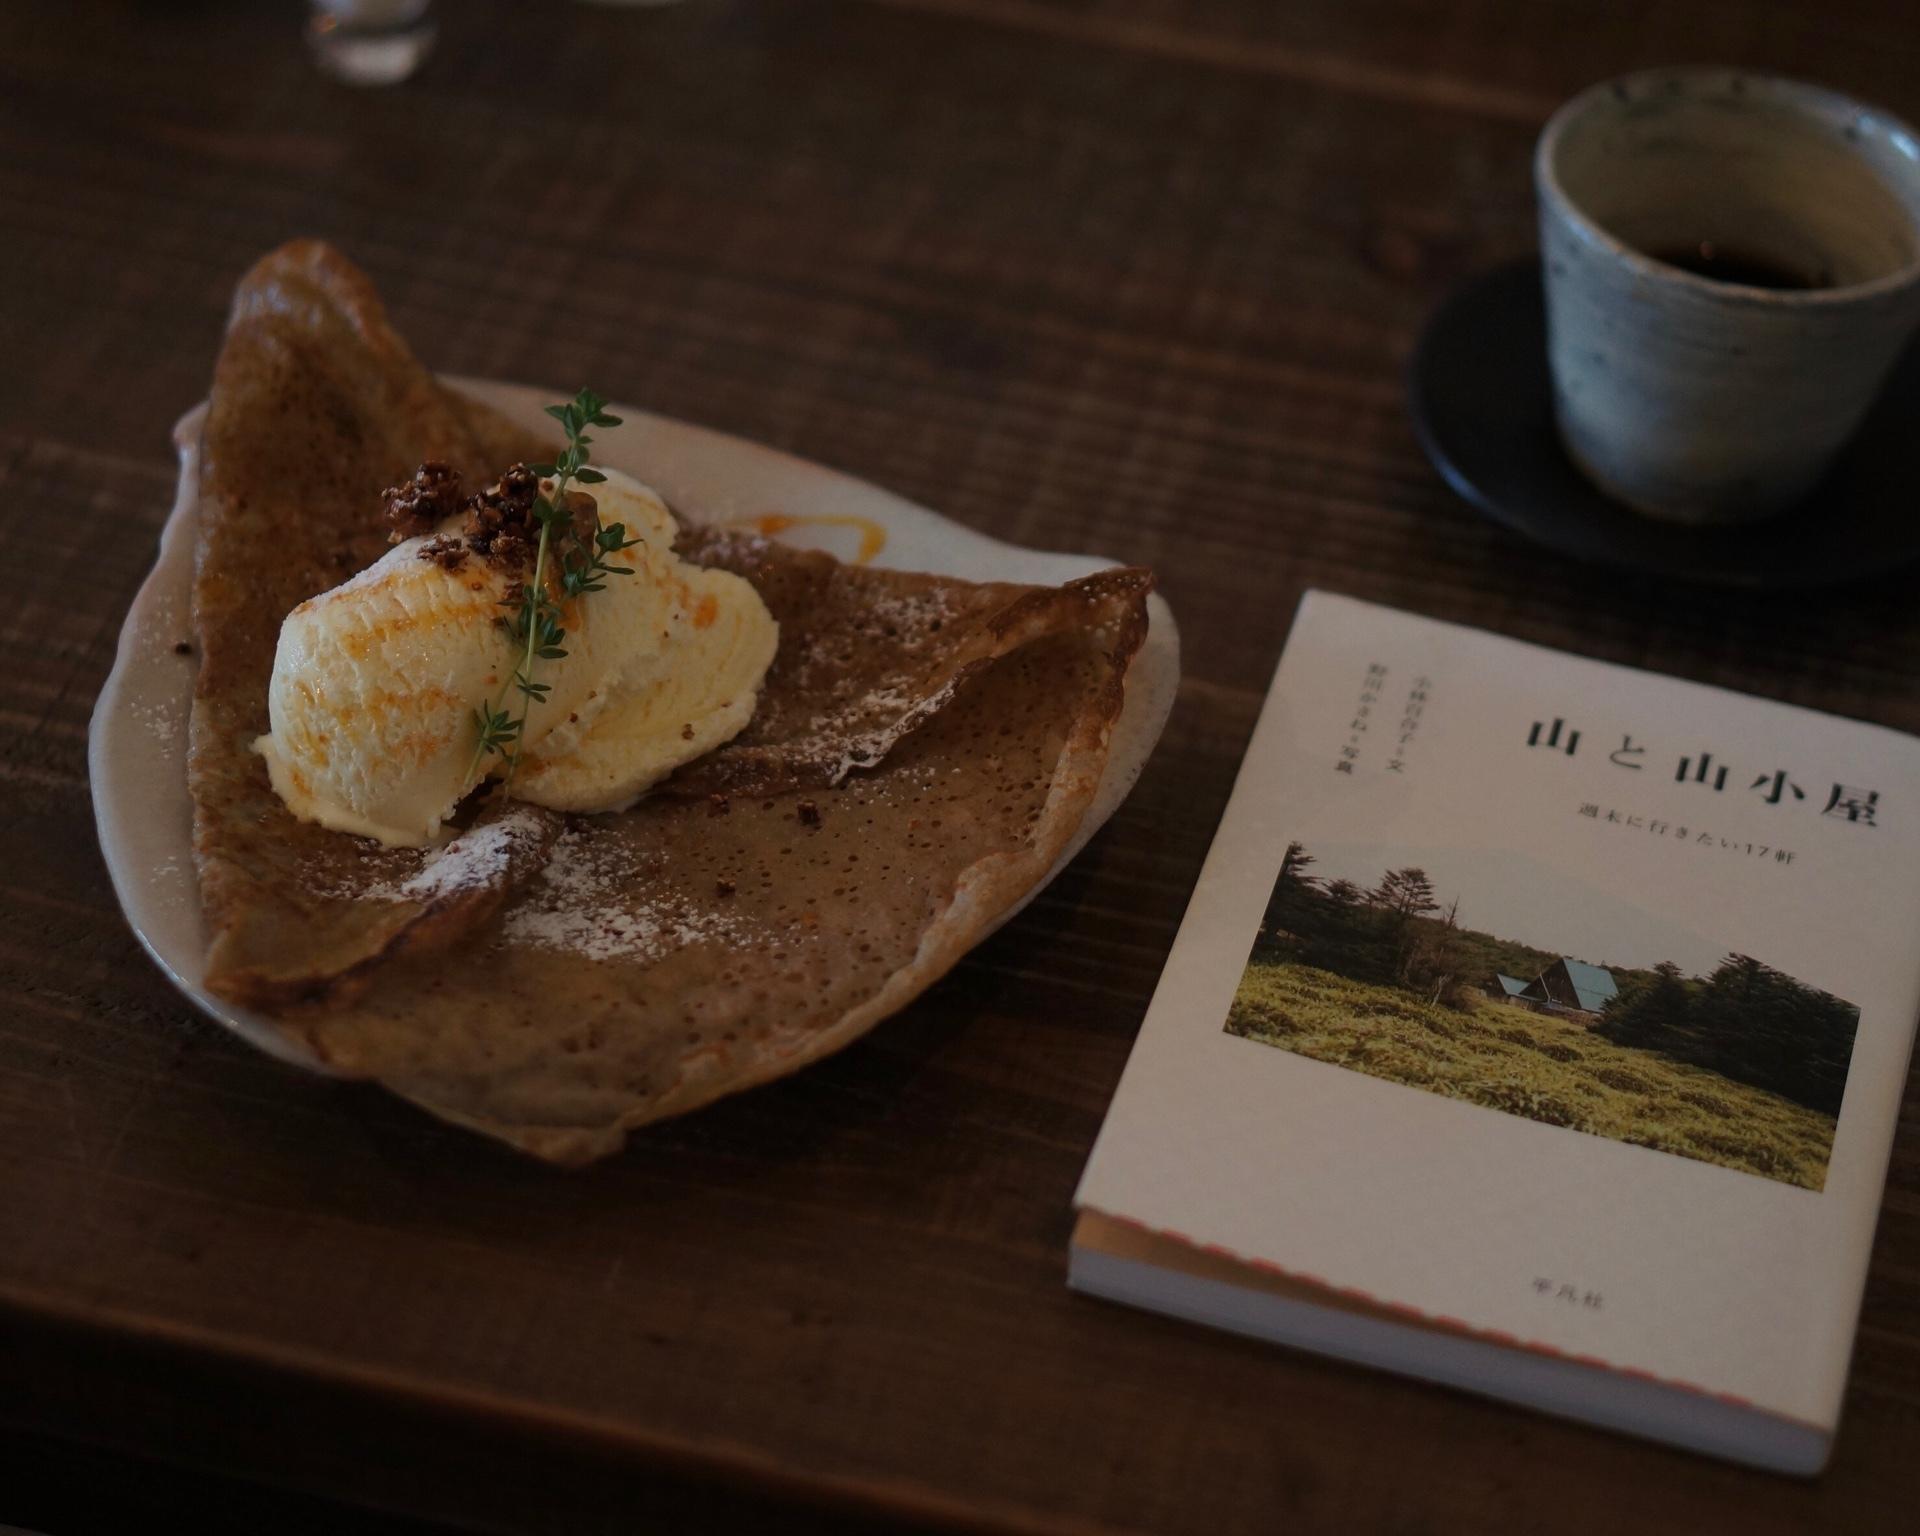 鎌倉 ゆったりとした時間を味わえるカフェ3選_1_5-2